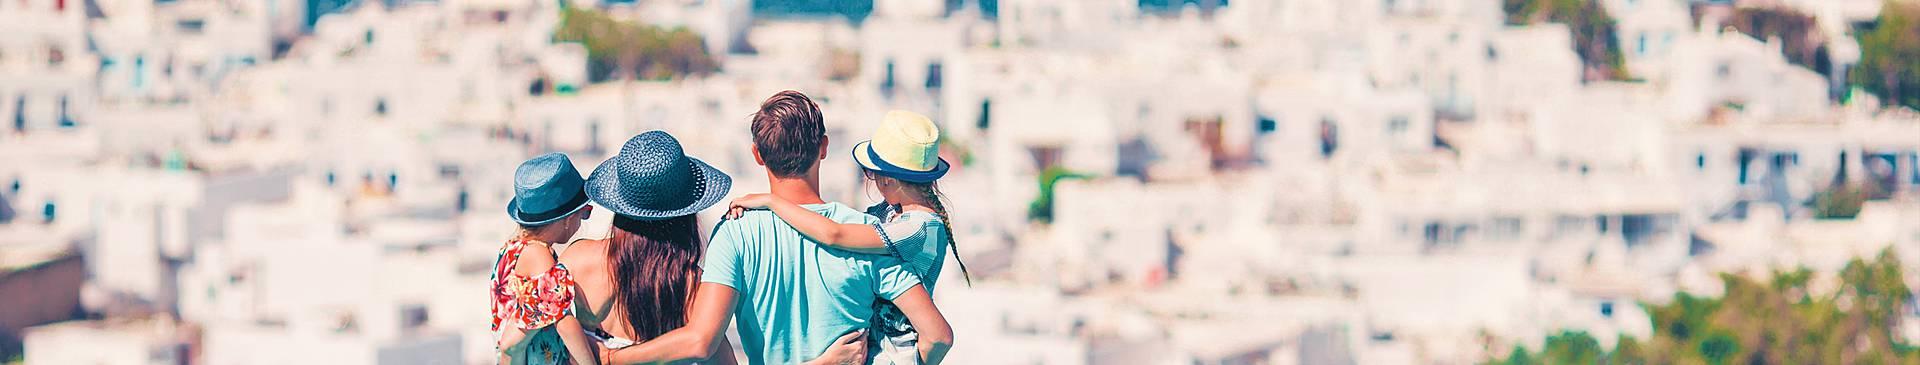 Viaggio in famiglia in Grecia